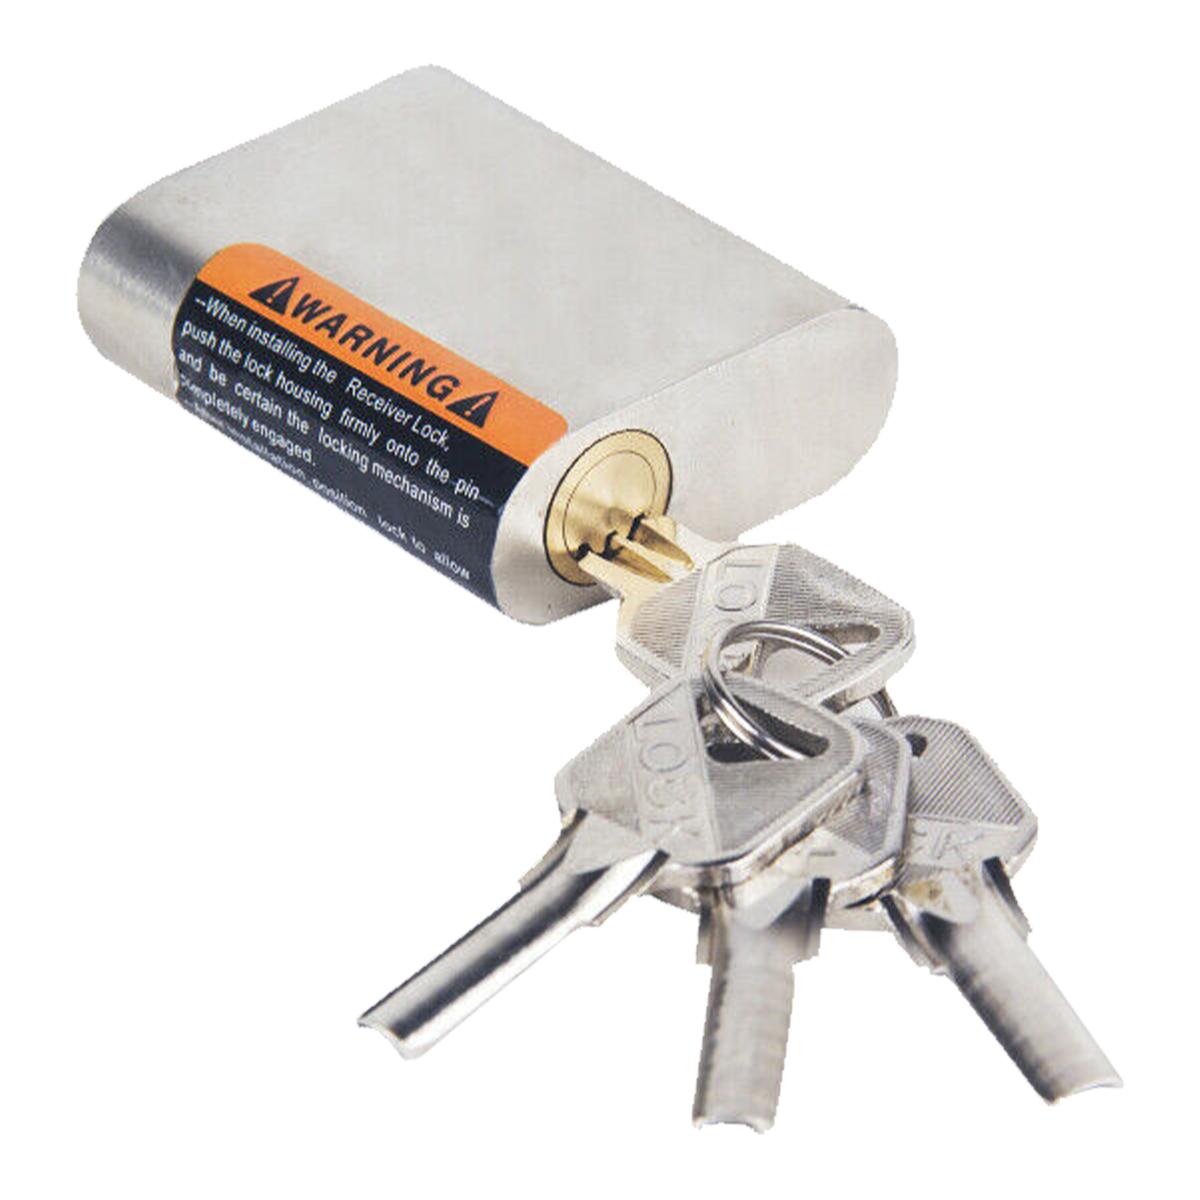 Mounting bracket and lock for Gen2 Jockey Wheel